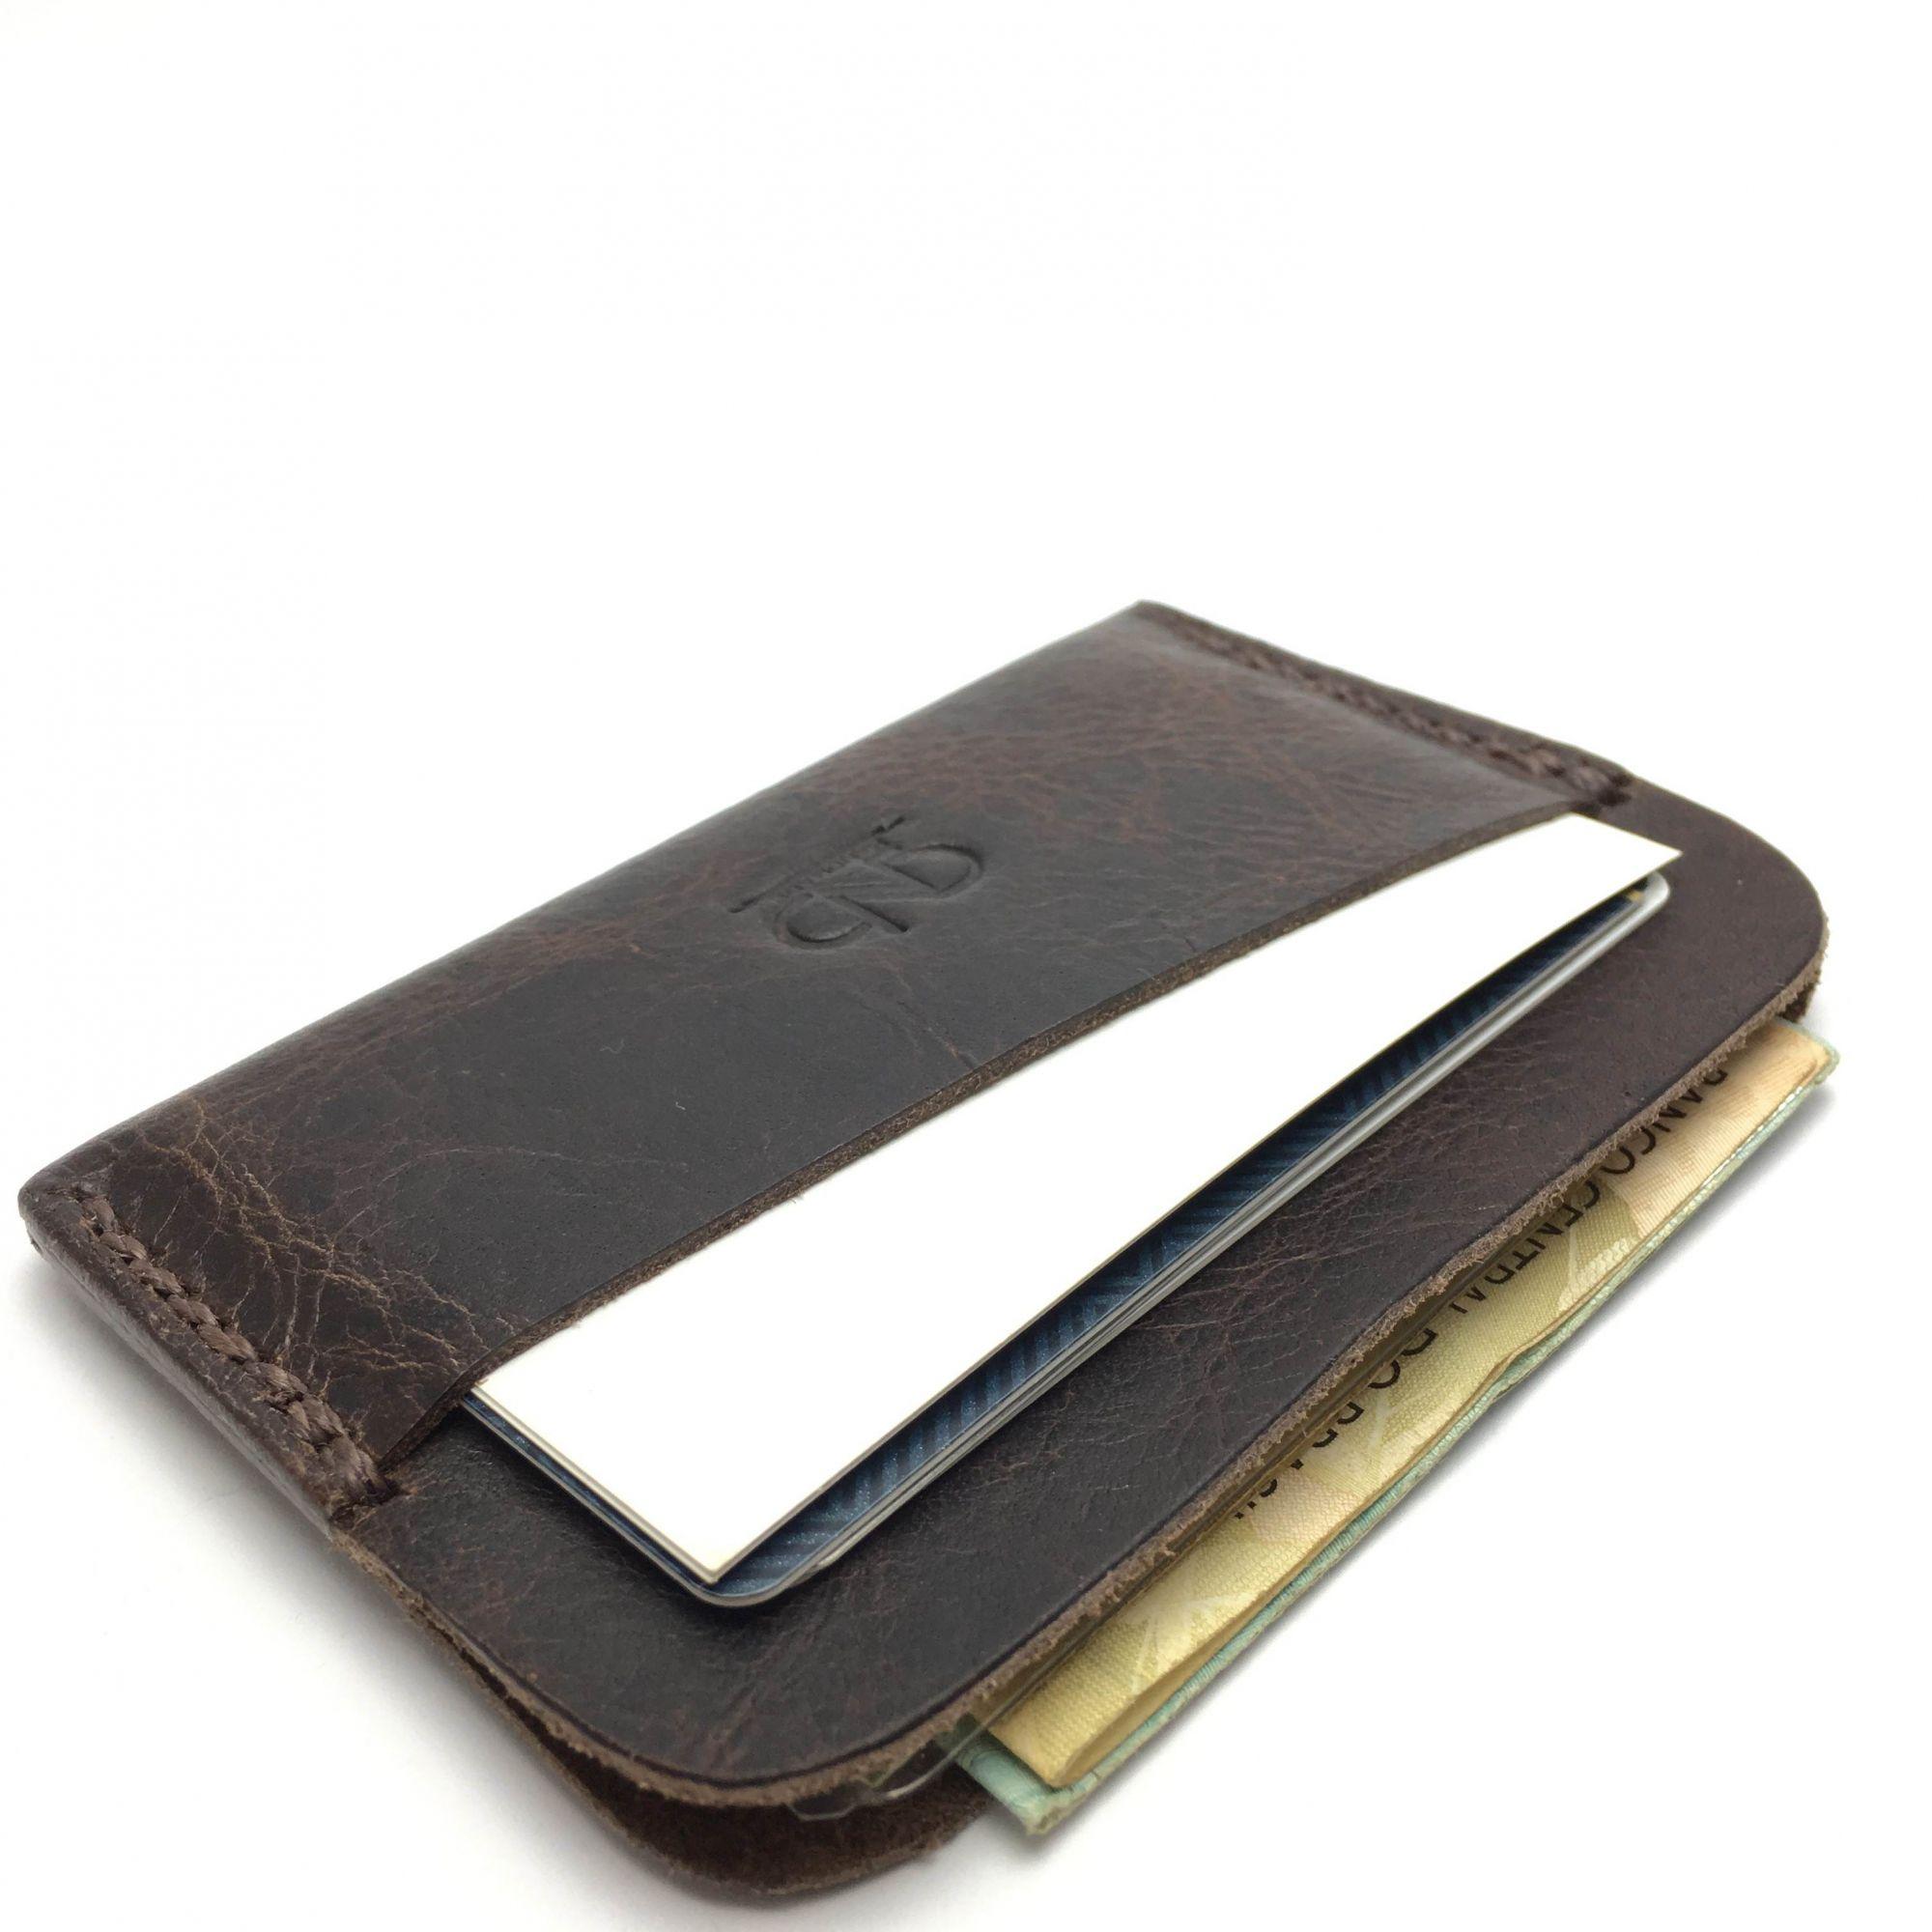 1e2011f5f Carteira Porta Cartões Slim CNB Couro Legítimo Feito à Mão ...